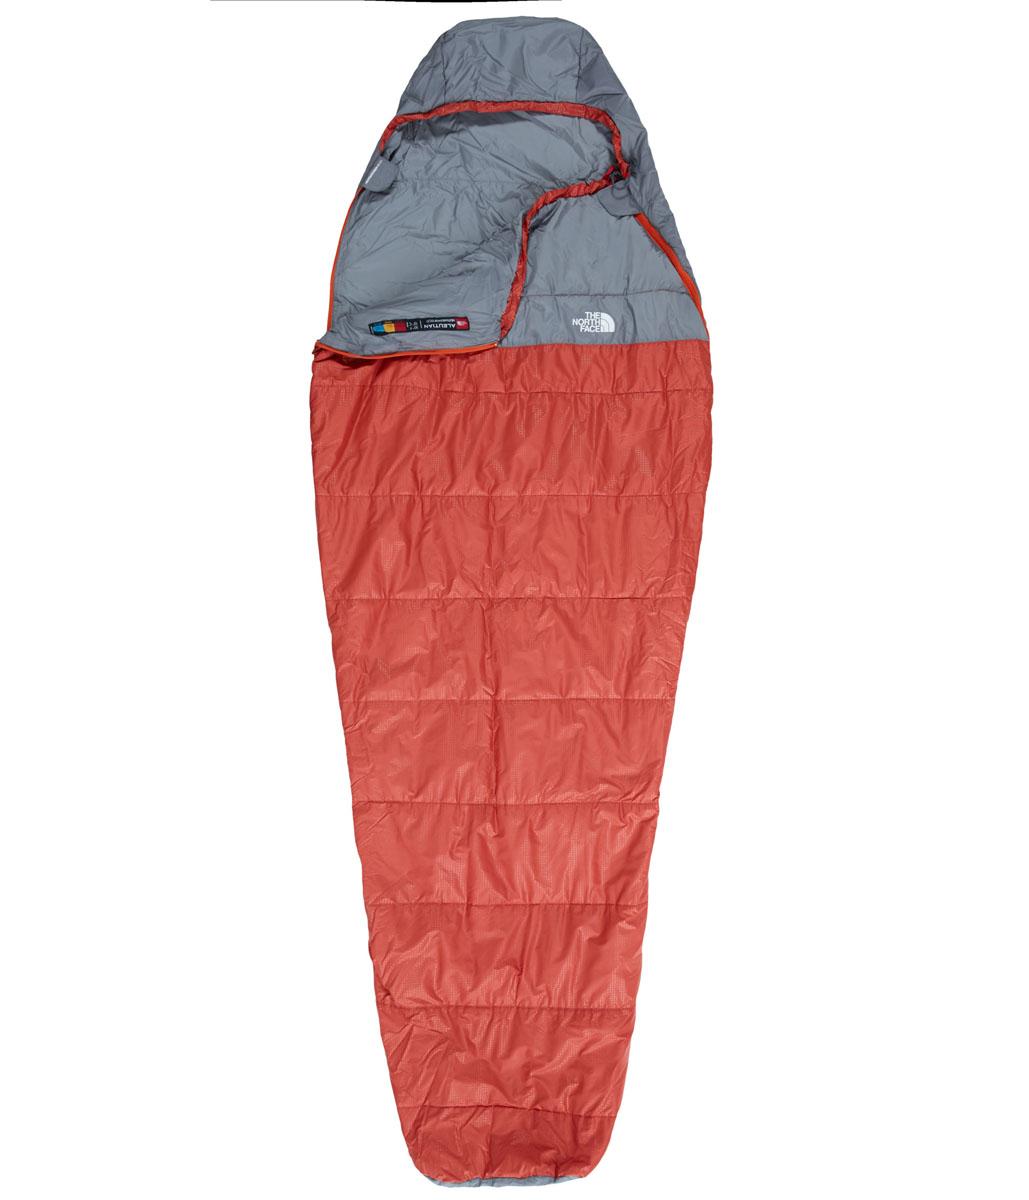 Мешок спальный The North Face Aleutian 50/10, левосторонняя/правосторонняя молния, 77 х 210 смT0A3A8M1RLH REGСпальный мешок The North Face Aleutian 50/10 -незаменимая вещь для любителей уюта и комфорта во время активного отдыха. Прекрасно подходит для прохладной погоды, его можно целиком расстегнуть и расстелить в качестве пола в палатке. Спальный мешок закрывается на двустороннюю застежку-молнию. Этот спальный мешок очень вместительный, универсальный, теплый, комфортный и при этом практичный. Спальный мешок упакован в удобный чехол для переноски.Что взять с собой в поход?. Статья OZON Гид